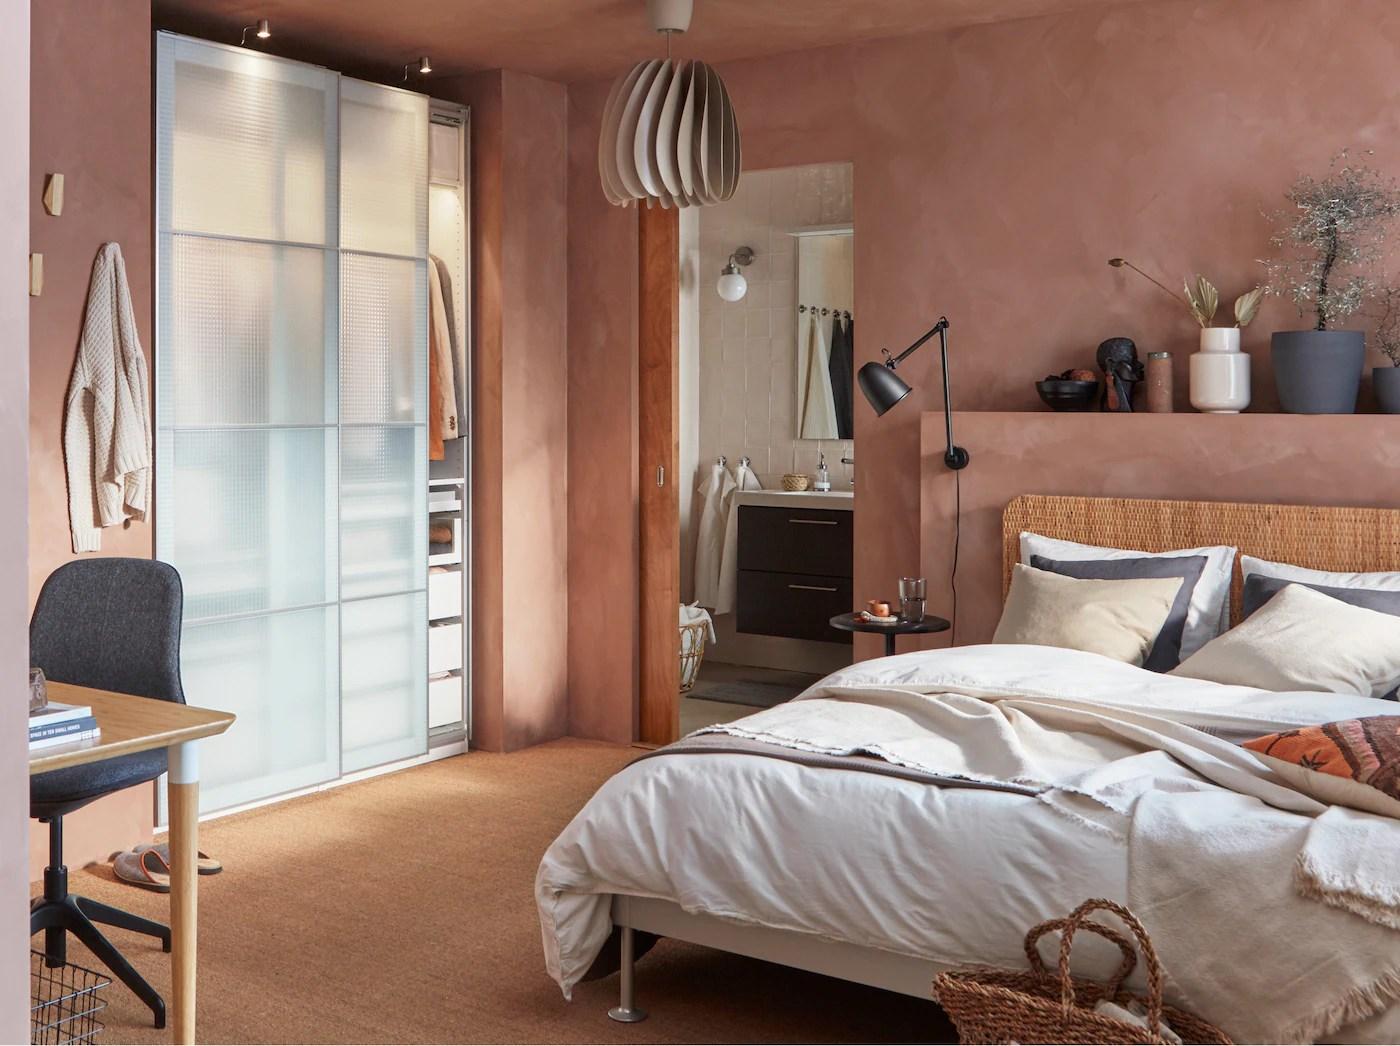 Soprattutto nei primi mesi il neonato viene tenuto in. A Bedroom With Pink Hues And Natural Materials Ikea